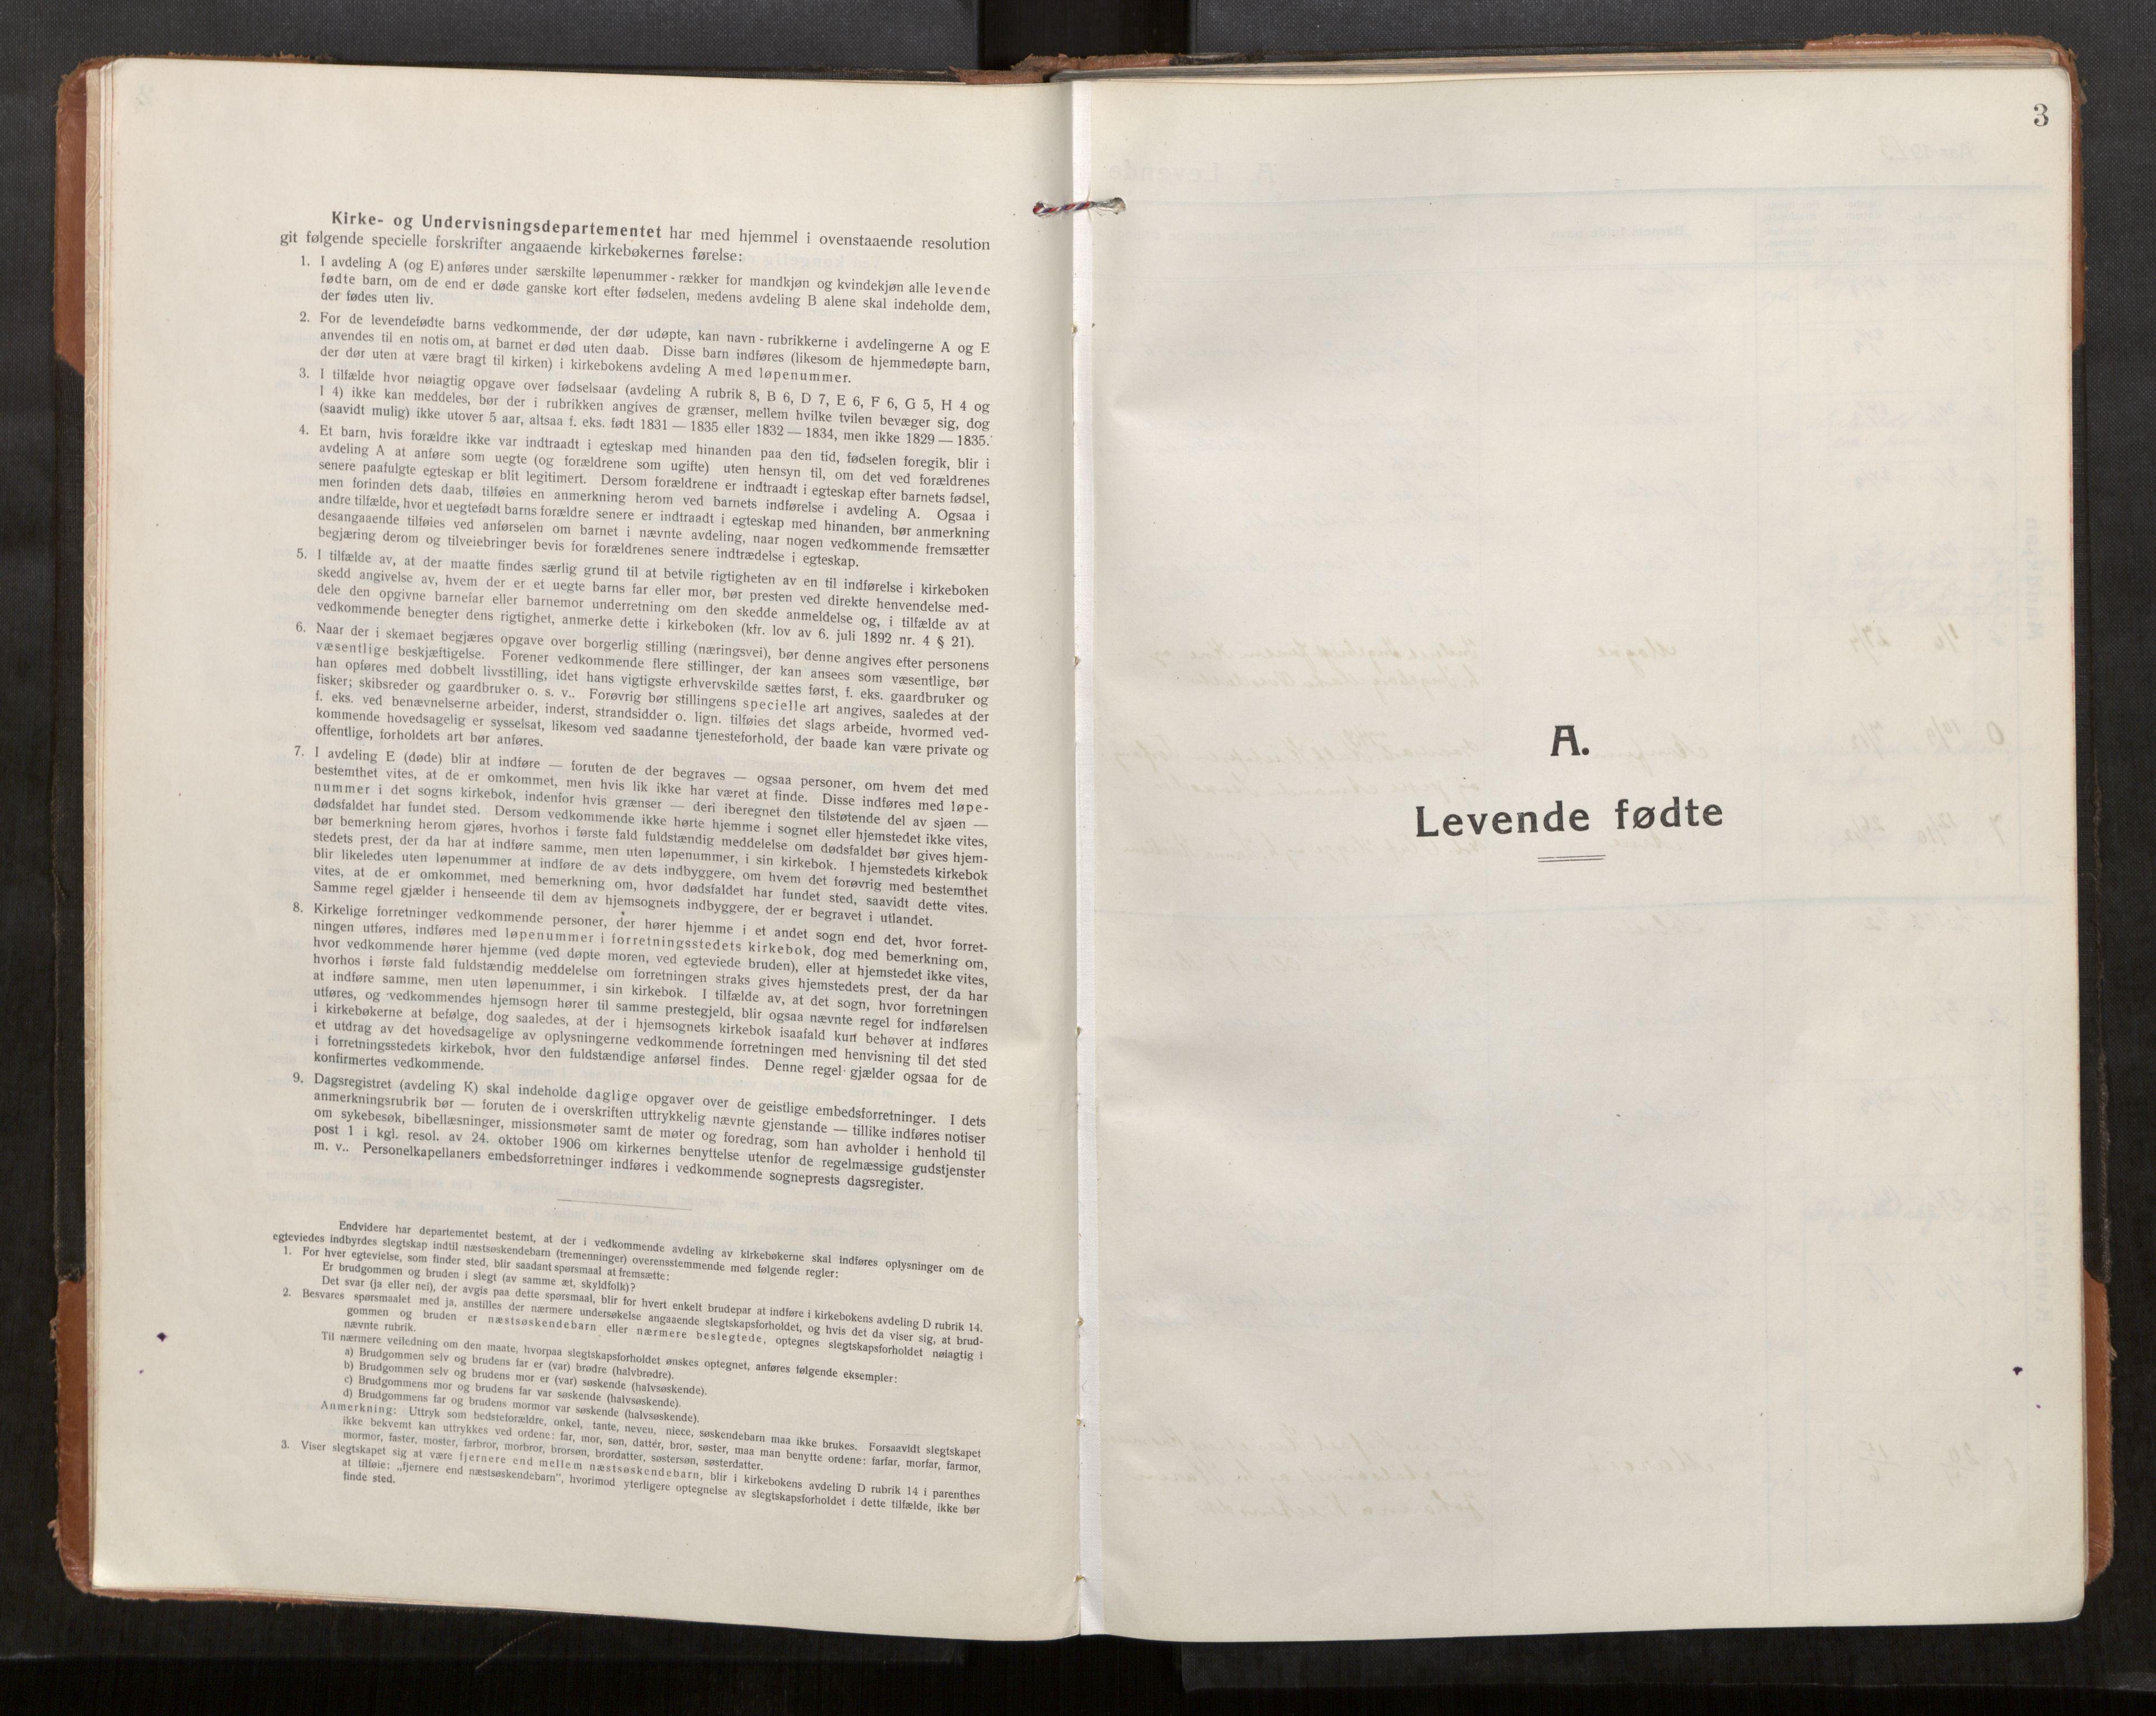 SAT, Stod sokneprestkontor, I/I1/I1a/L0004: Parish register (official) no. 4, 1913-1933, p. 3